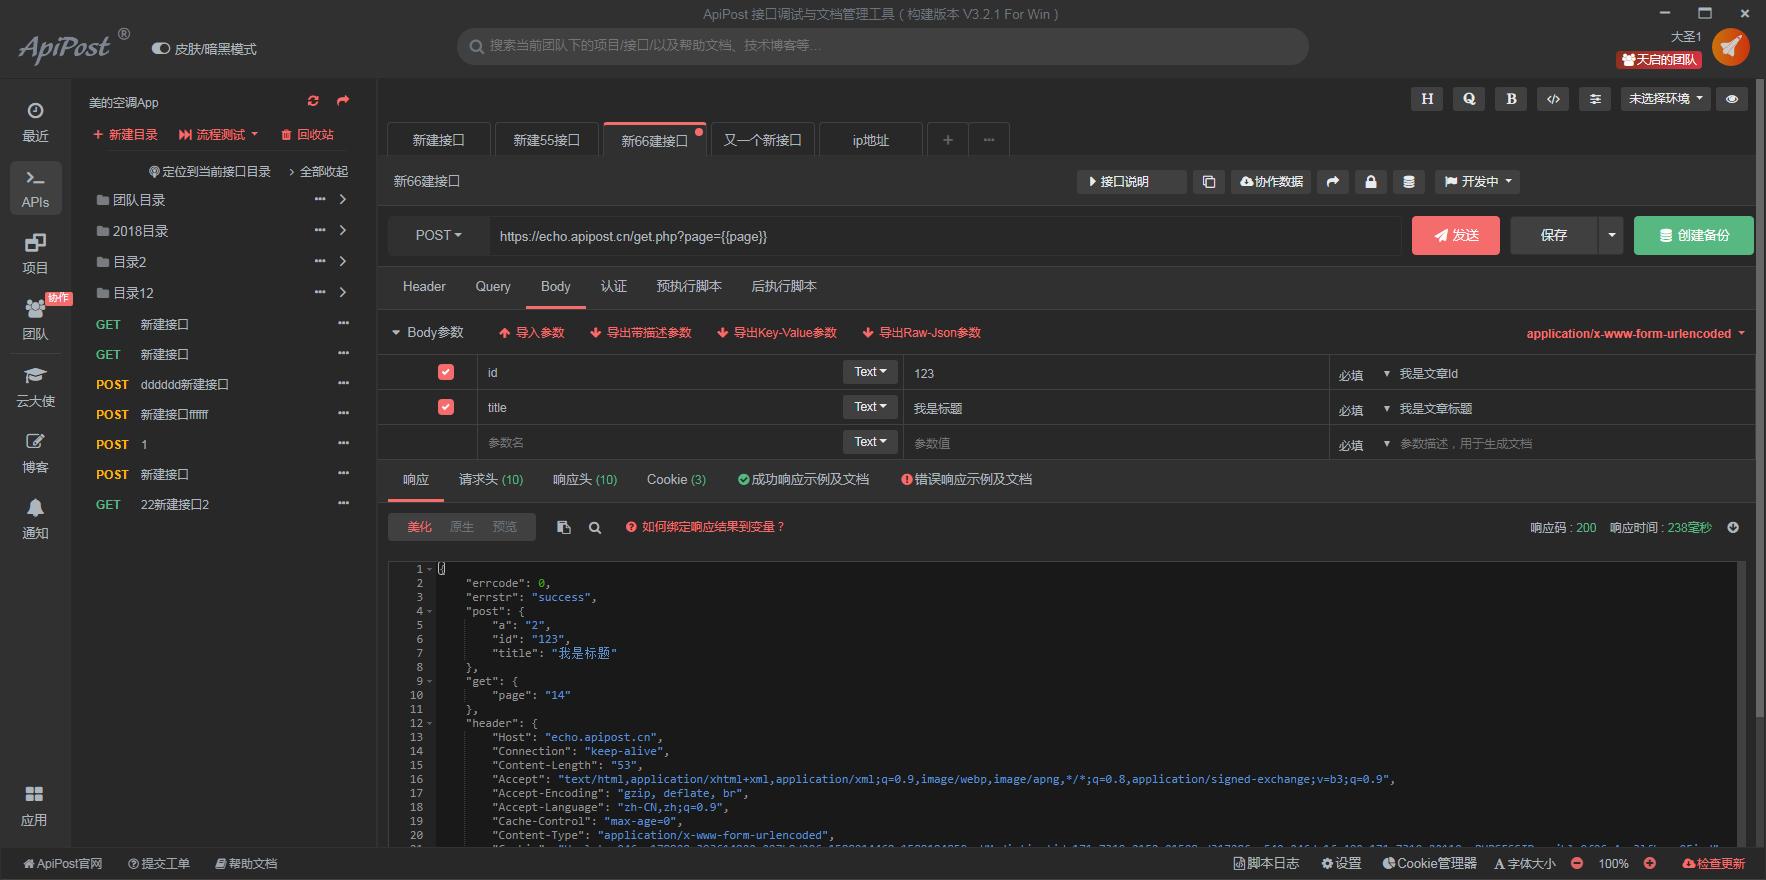 作为后端开发者,如何更优雅、便捷的生成接口文档?